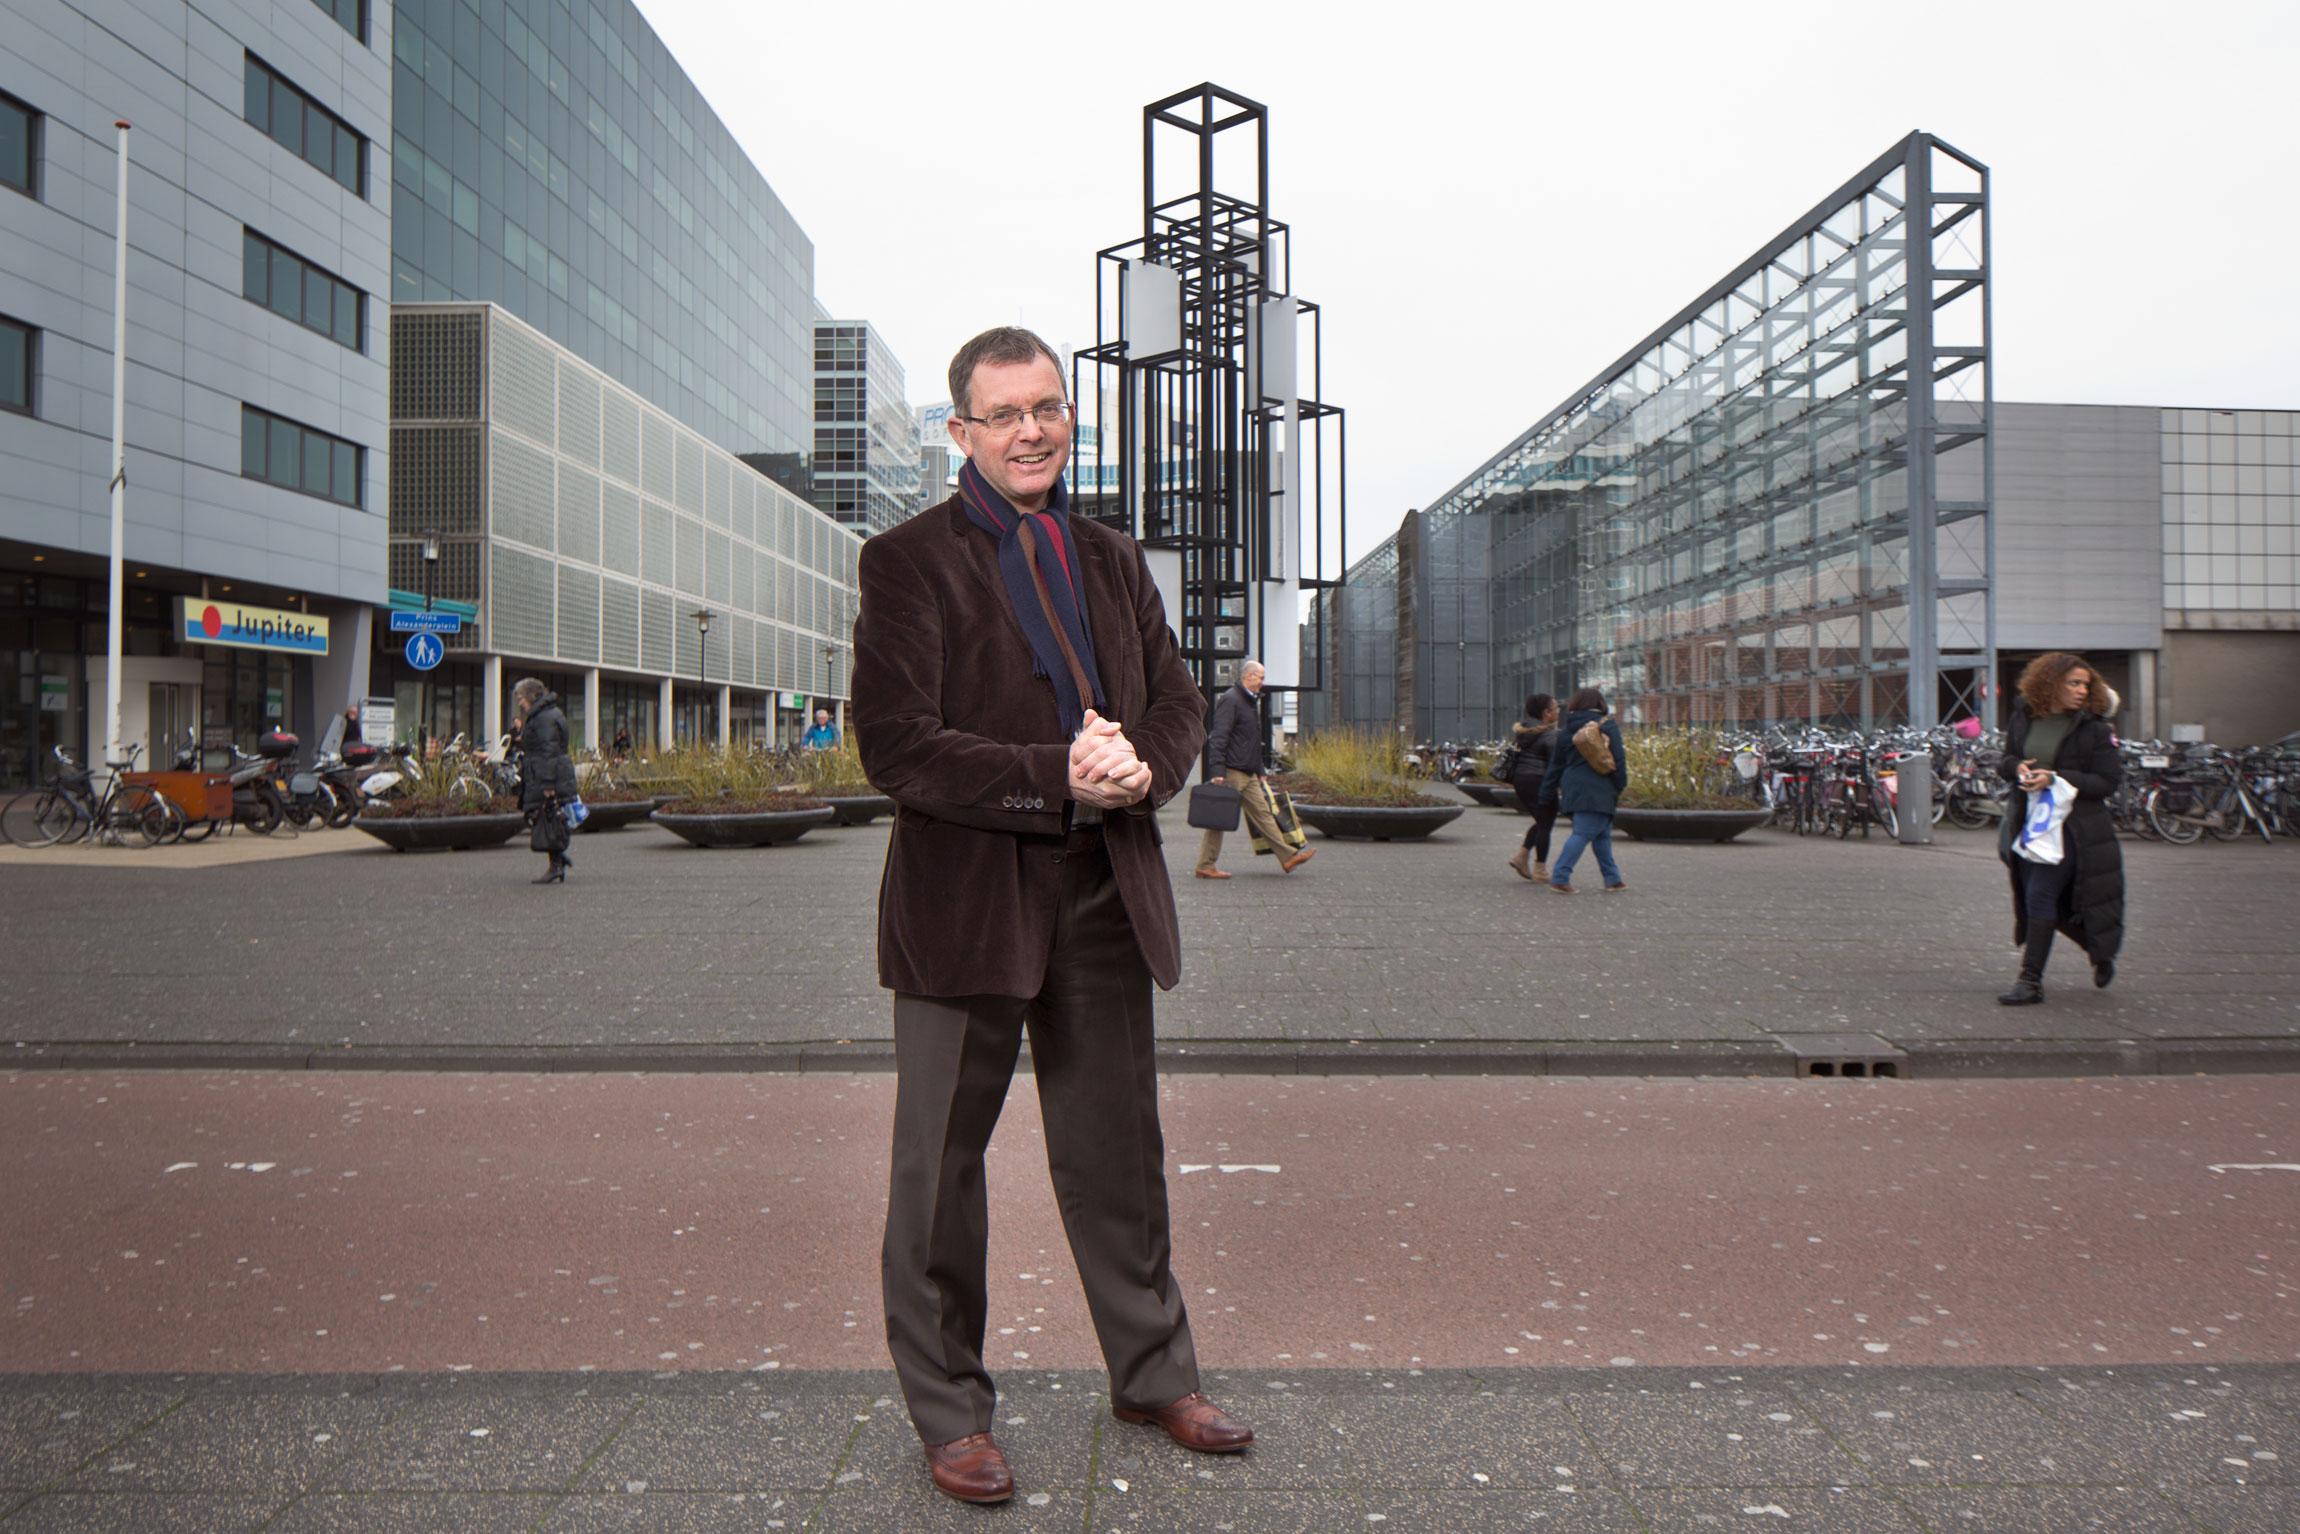 Lijst van Gerdingen: Wim van Gerdingen